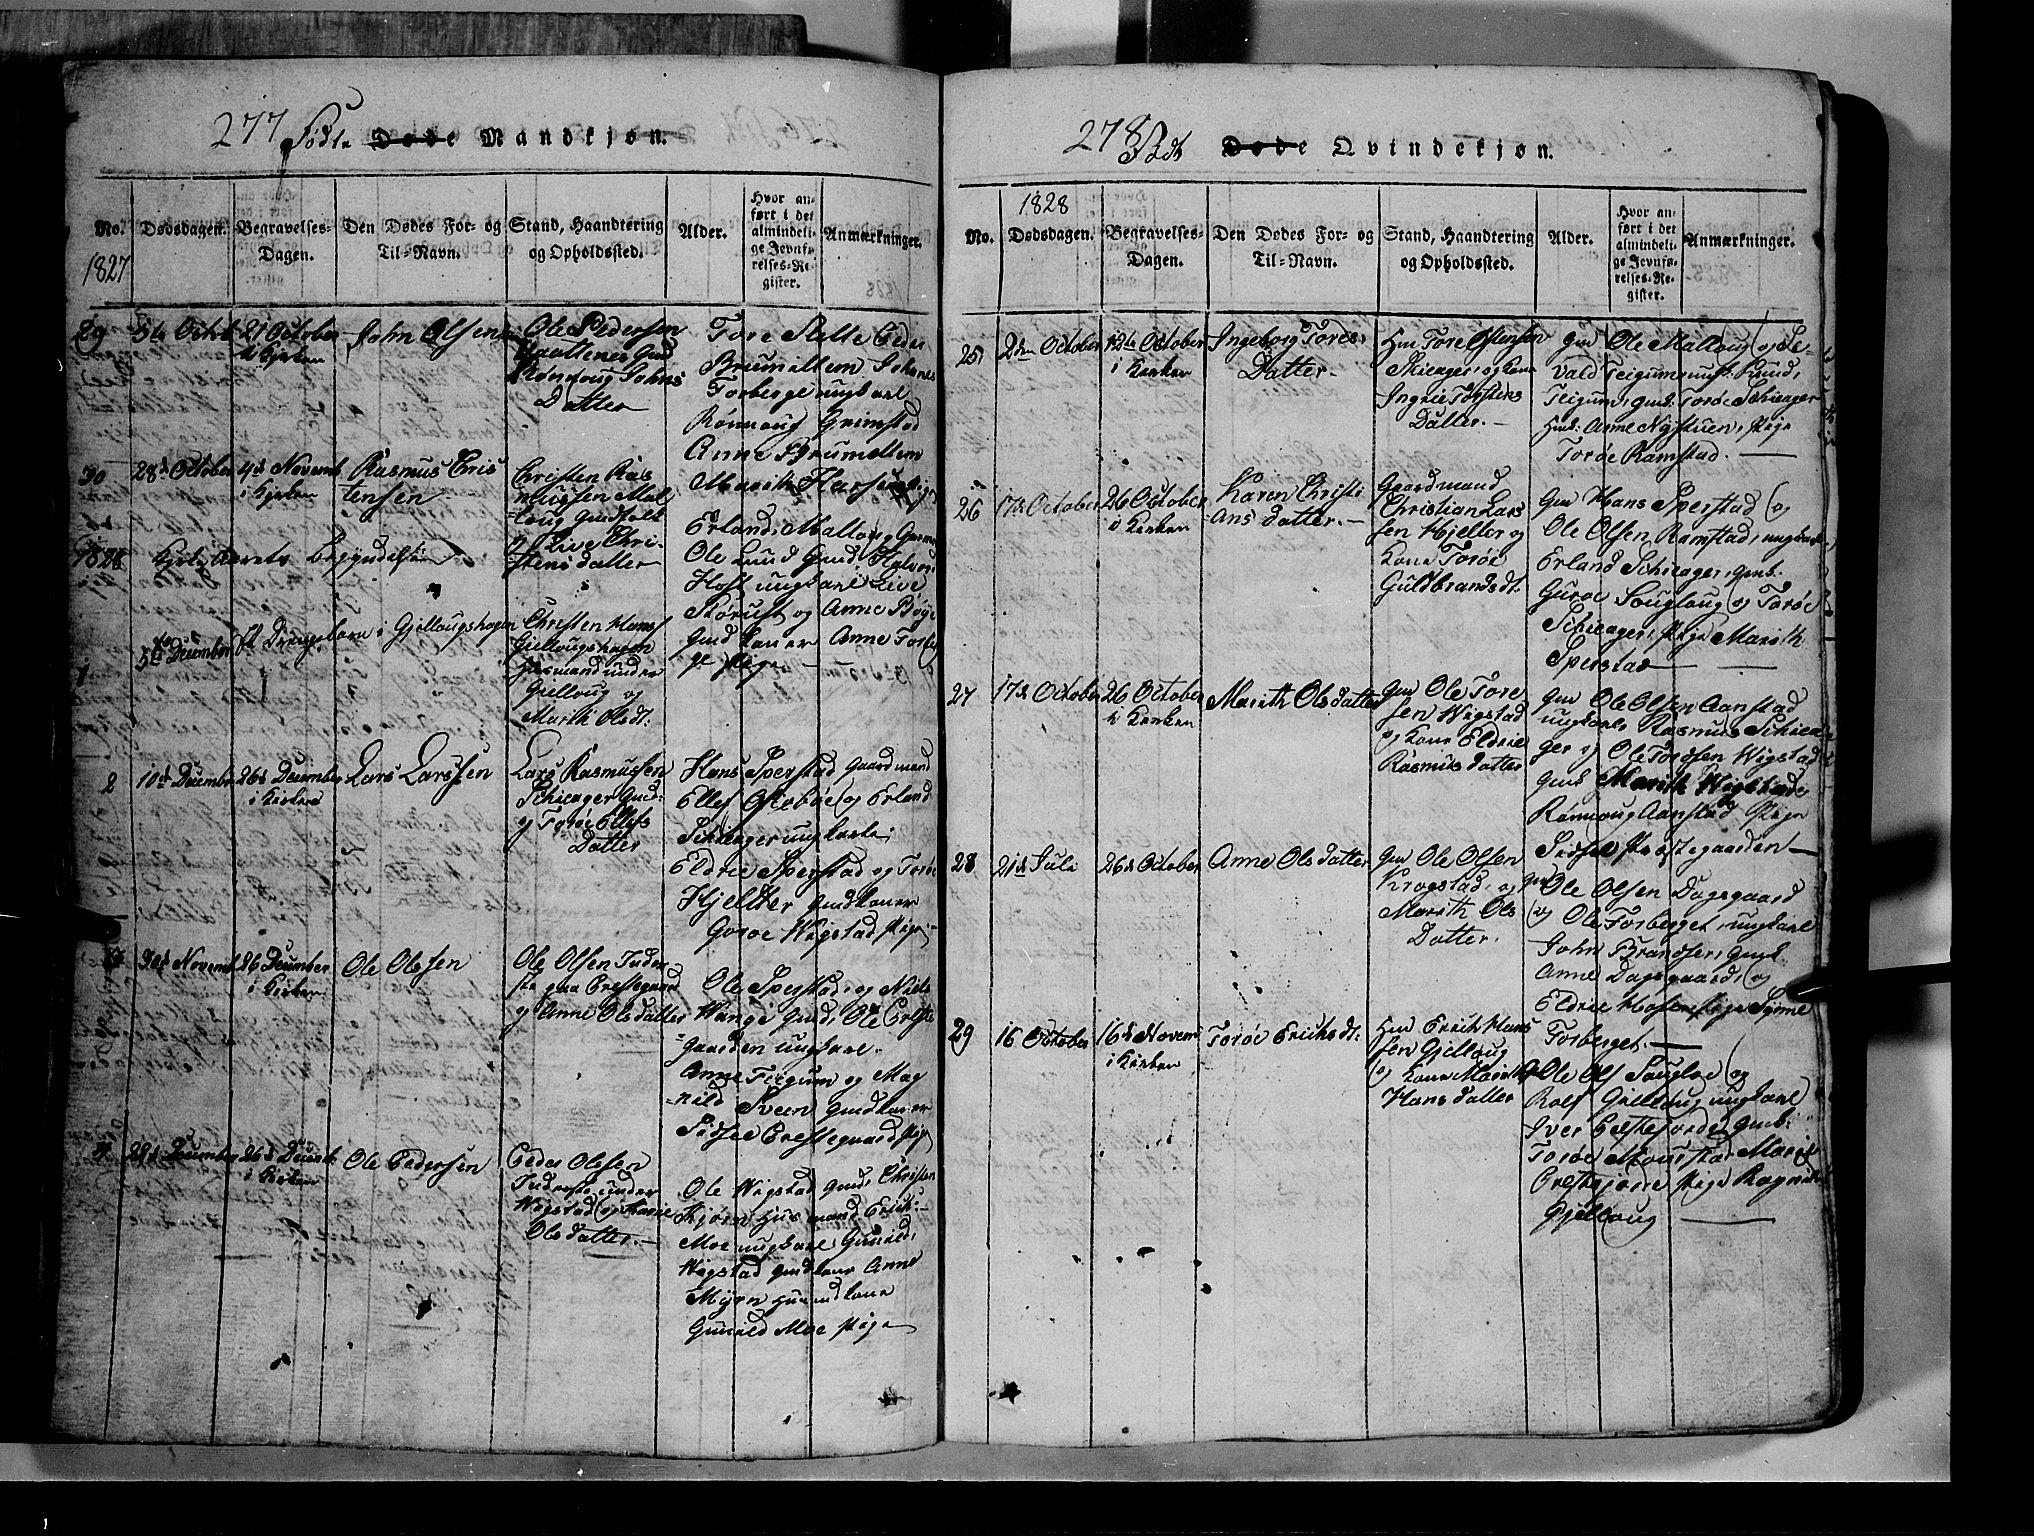 SAH, Lom prestekontor, L/L0003: Klokkerbok nr. 3, 1815-1844, s. 277-278